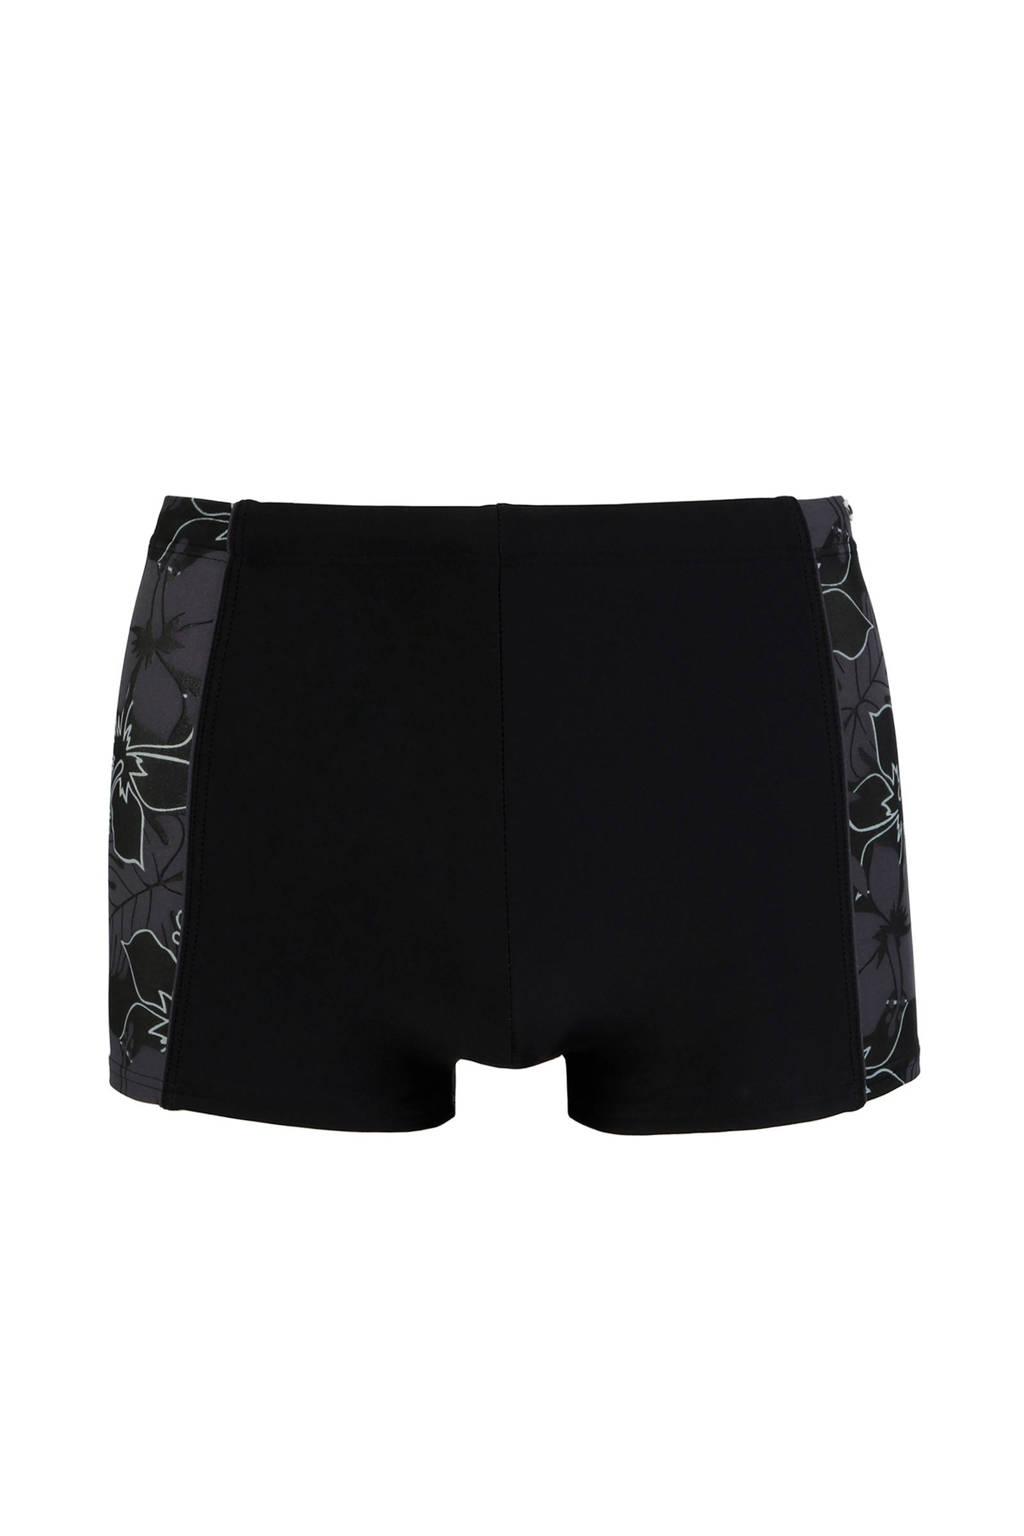 s.Oliver zwemboxer met all over print zwart, Zwart